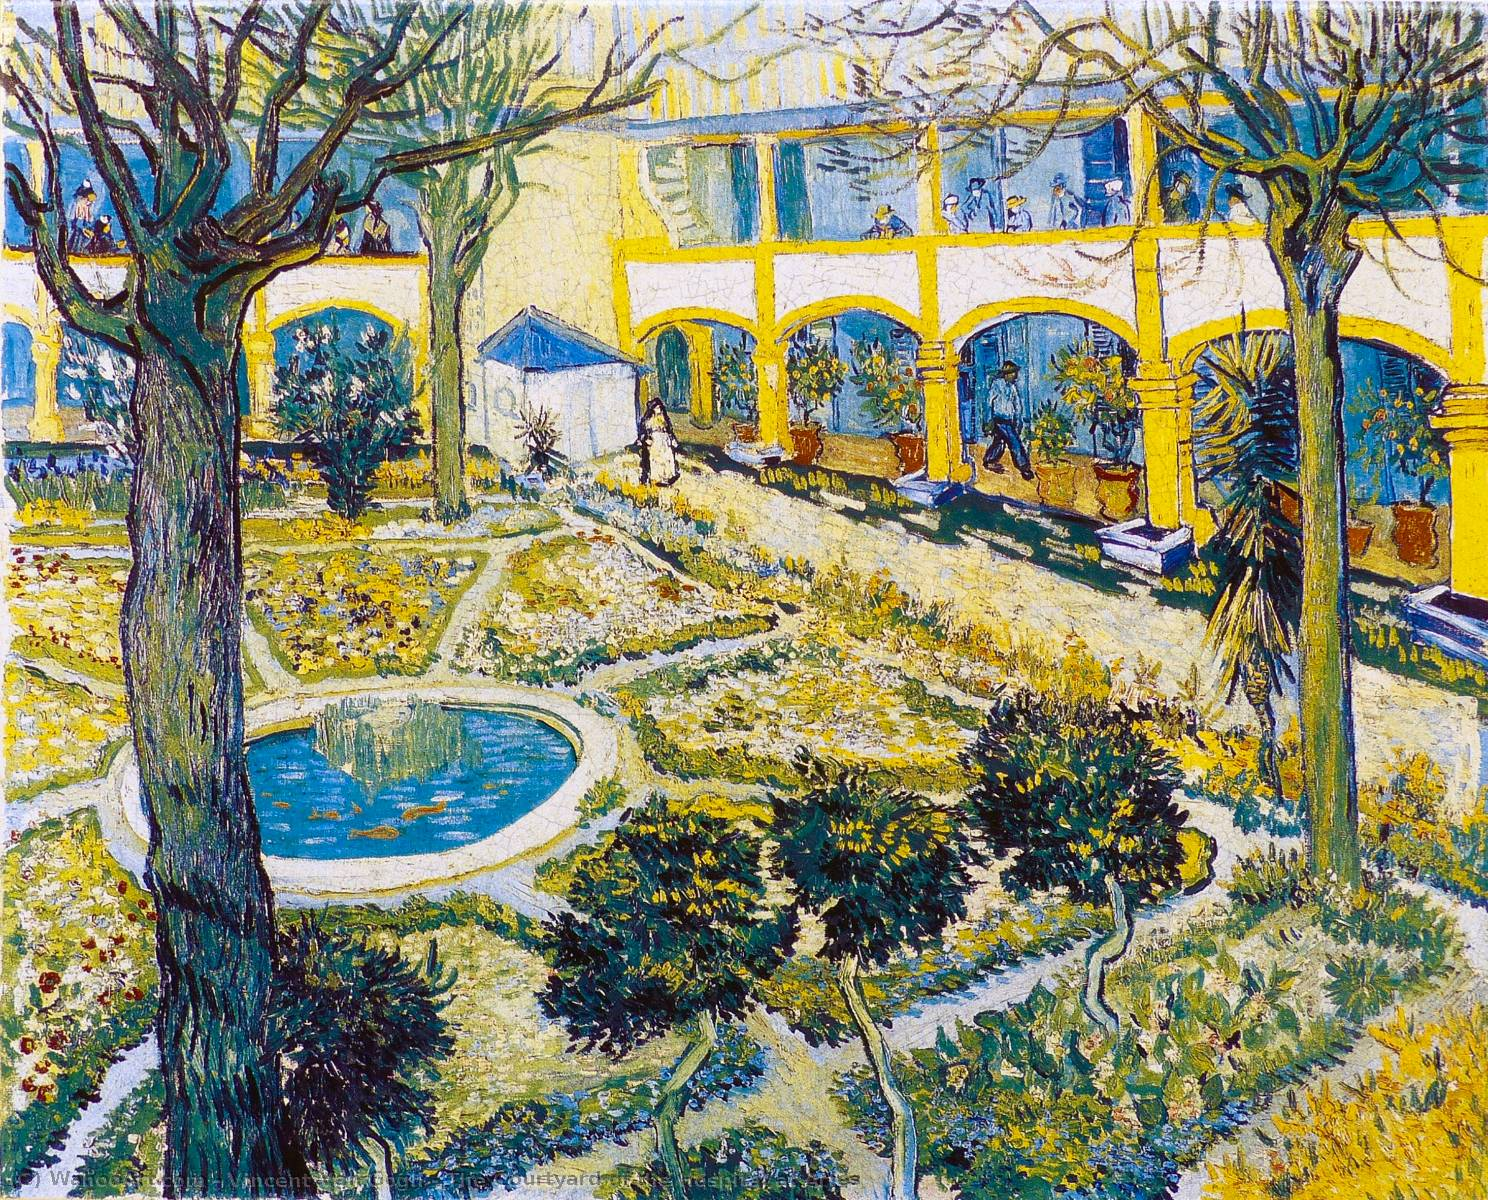 Exceptionnel La Cour De L Hôpital D Arles, 1899 De Vincent Van Gogh (1853 1890, ...